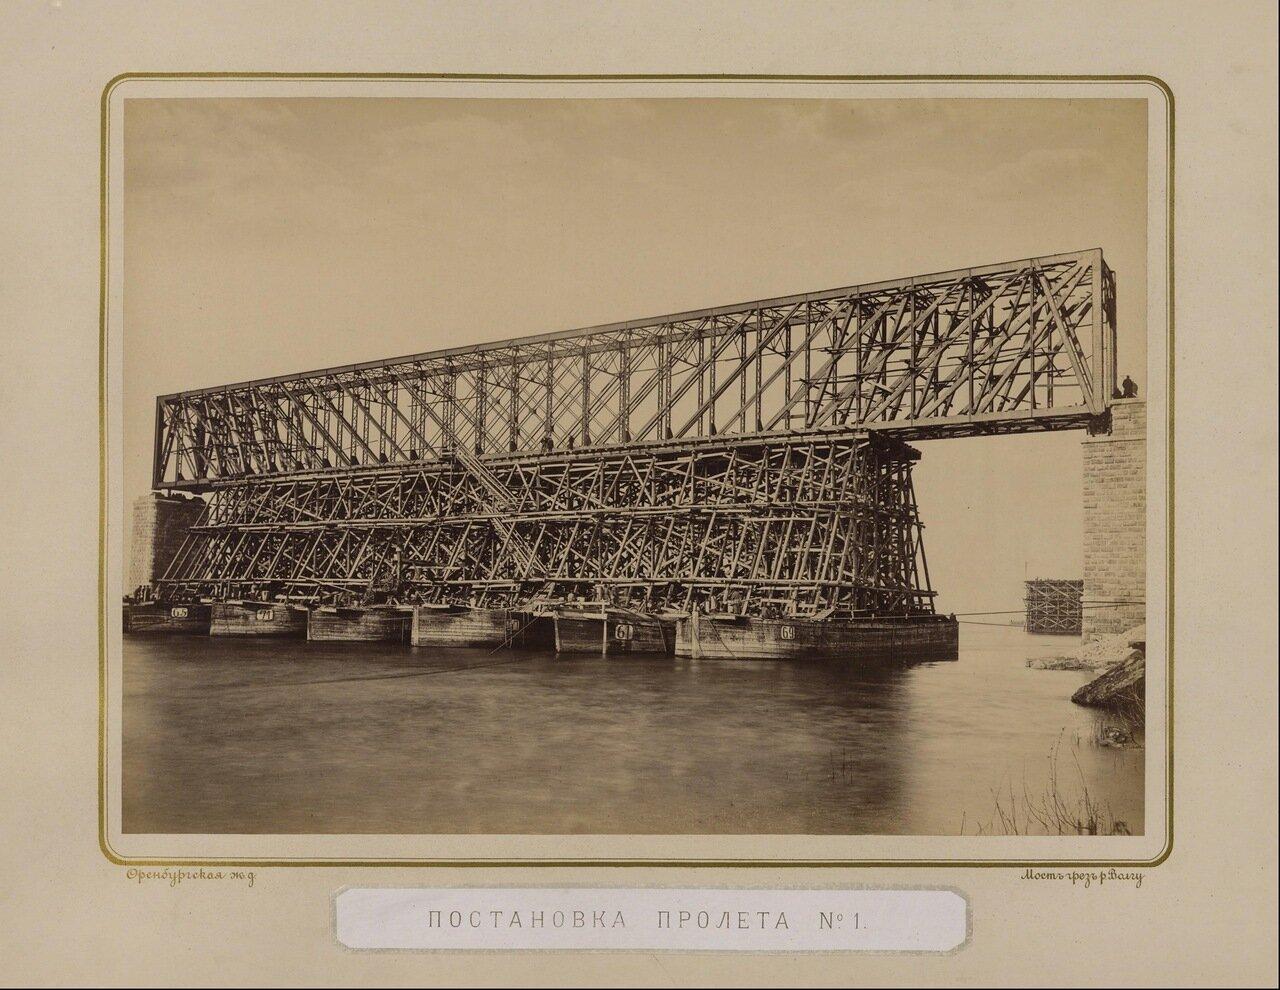 Постановка пролета № 1. Мост через Волгу. Оренбургская ж.д.